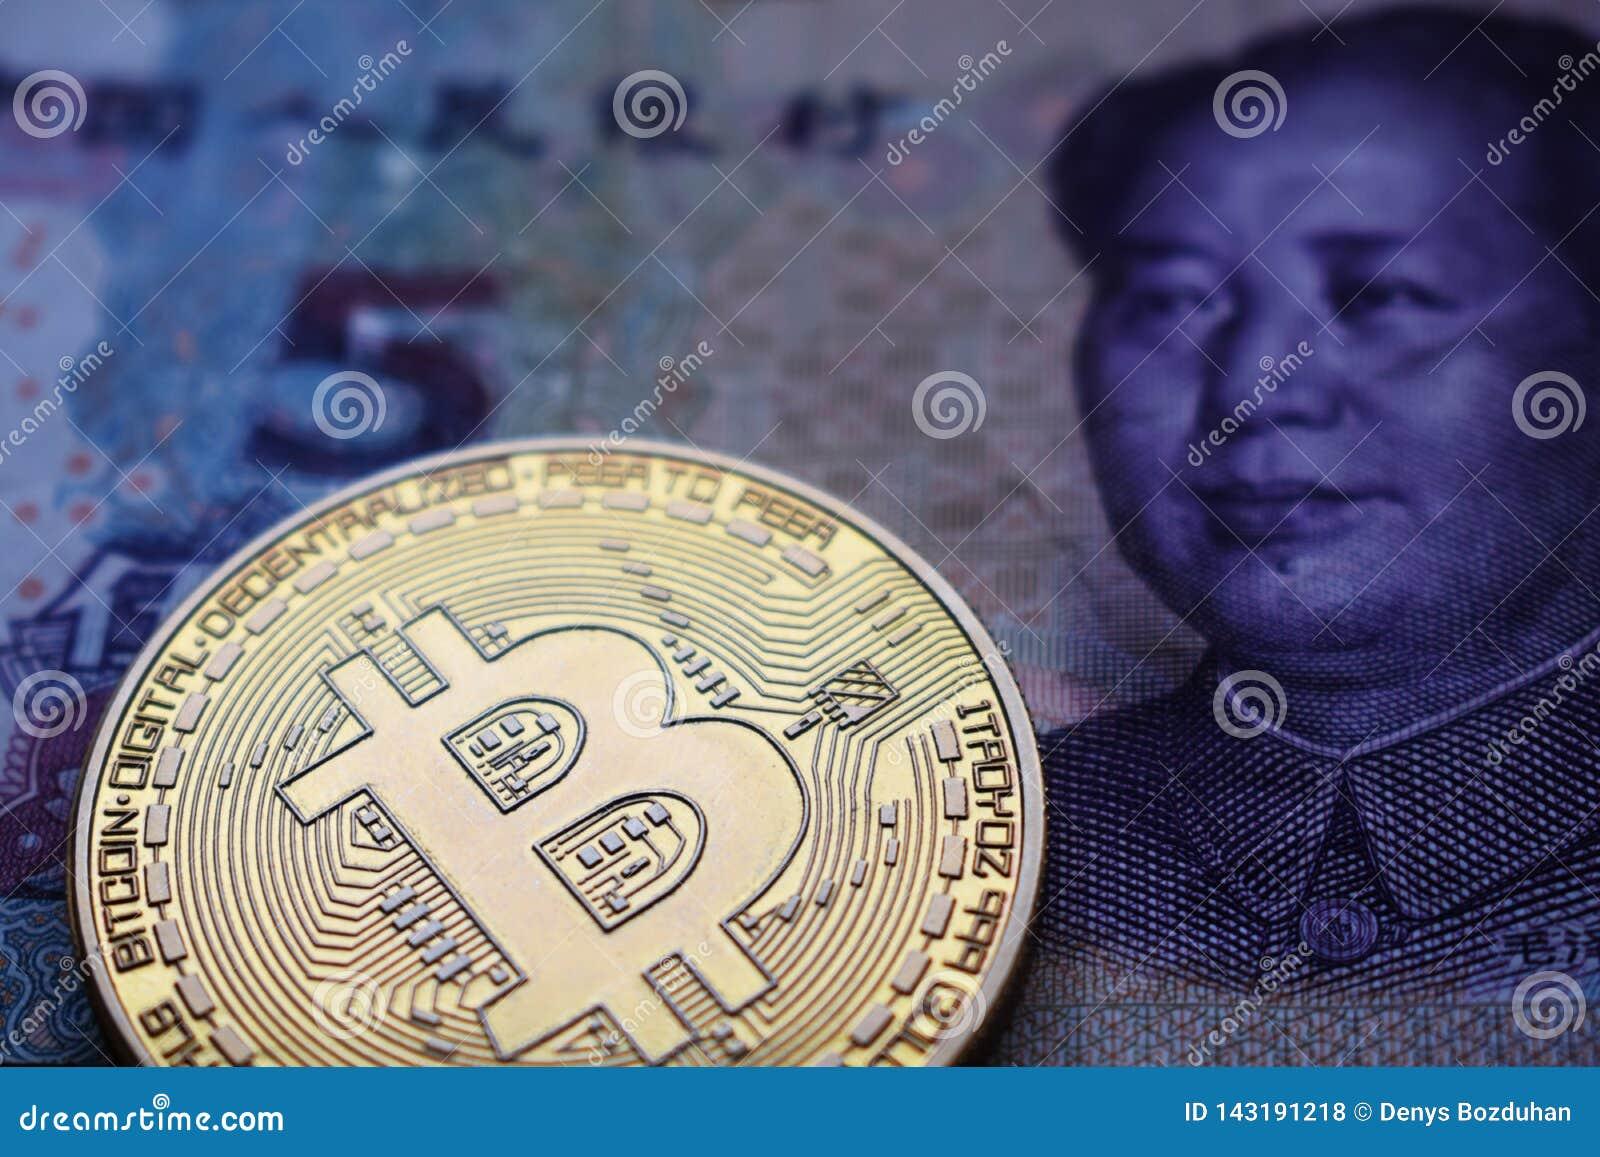 Nasce Bitcoin Gold: criptomoneta verso nuova scissione - Startmag